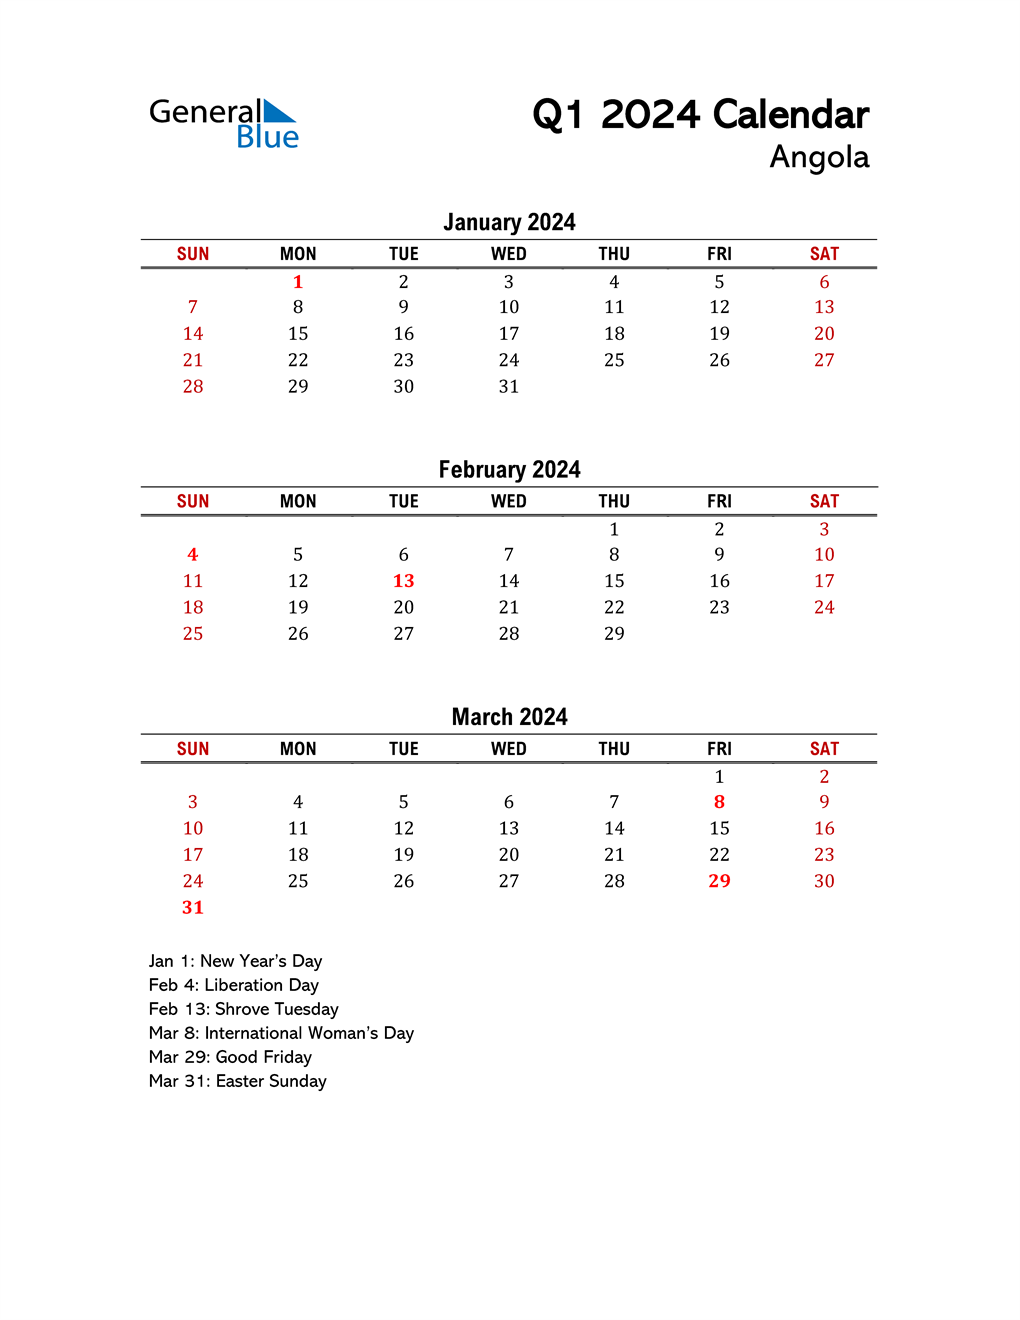 2024 Q1 Calendar with Holidays List